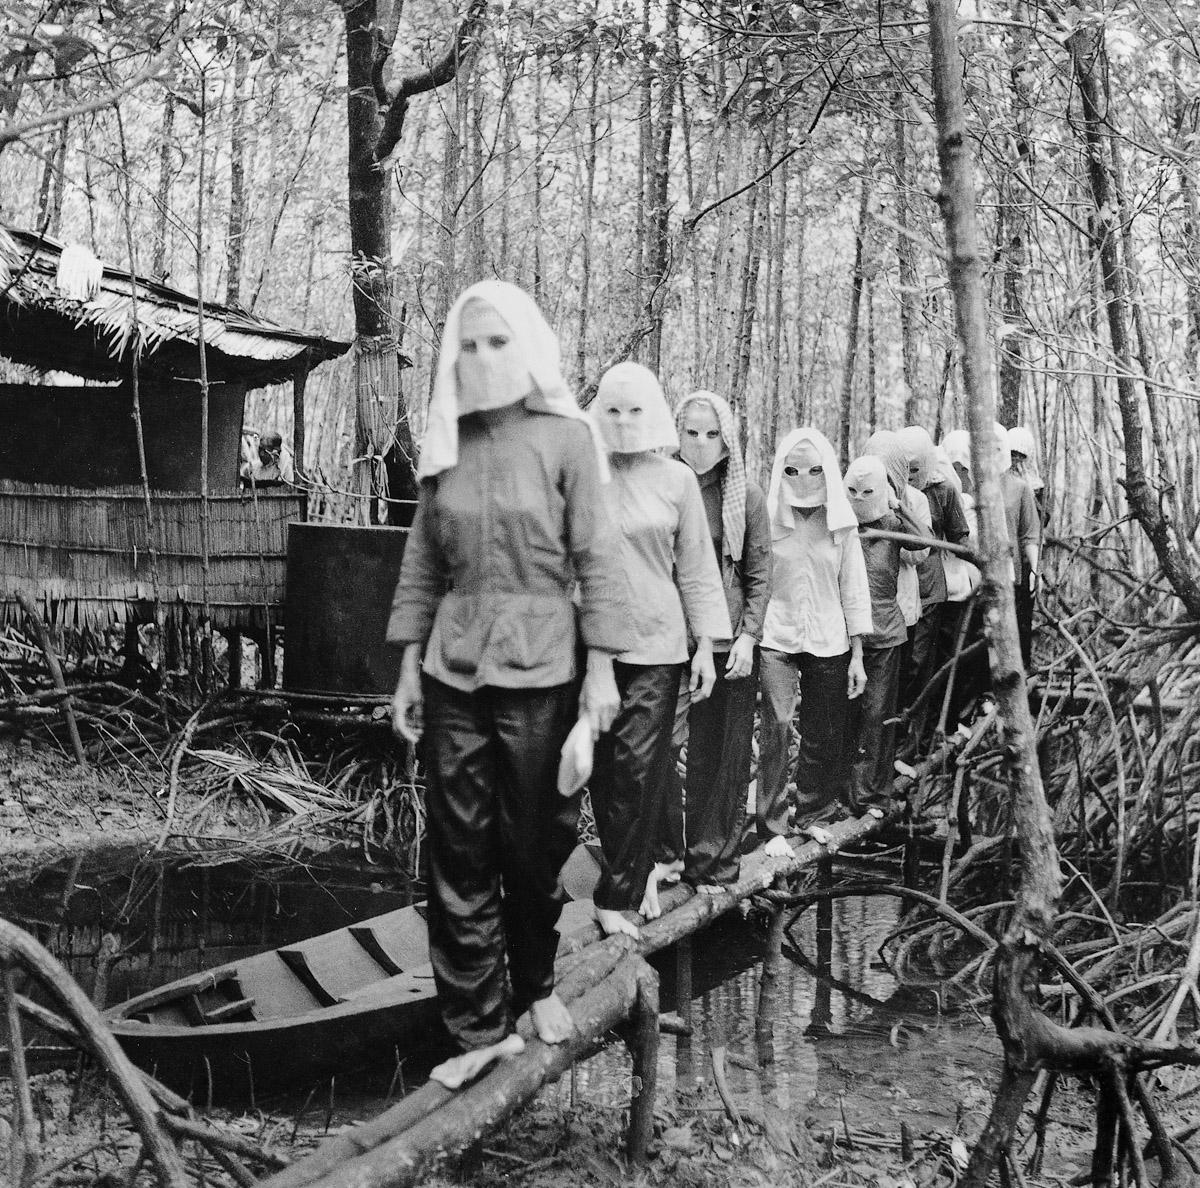 ویتنامی دیگر؛ تصاویر دیدهنشده از نگاه جناح پیروز جنگ